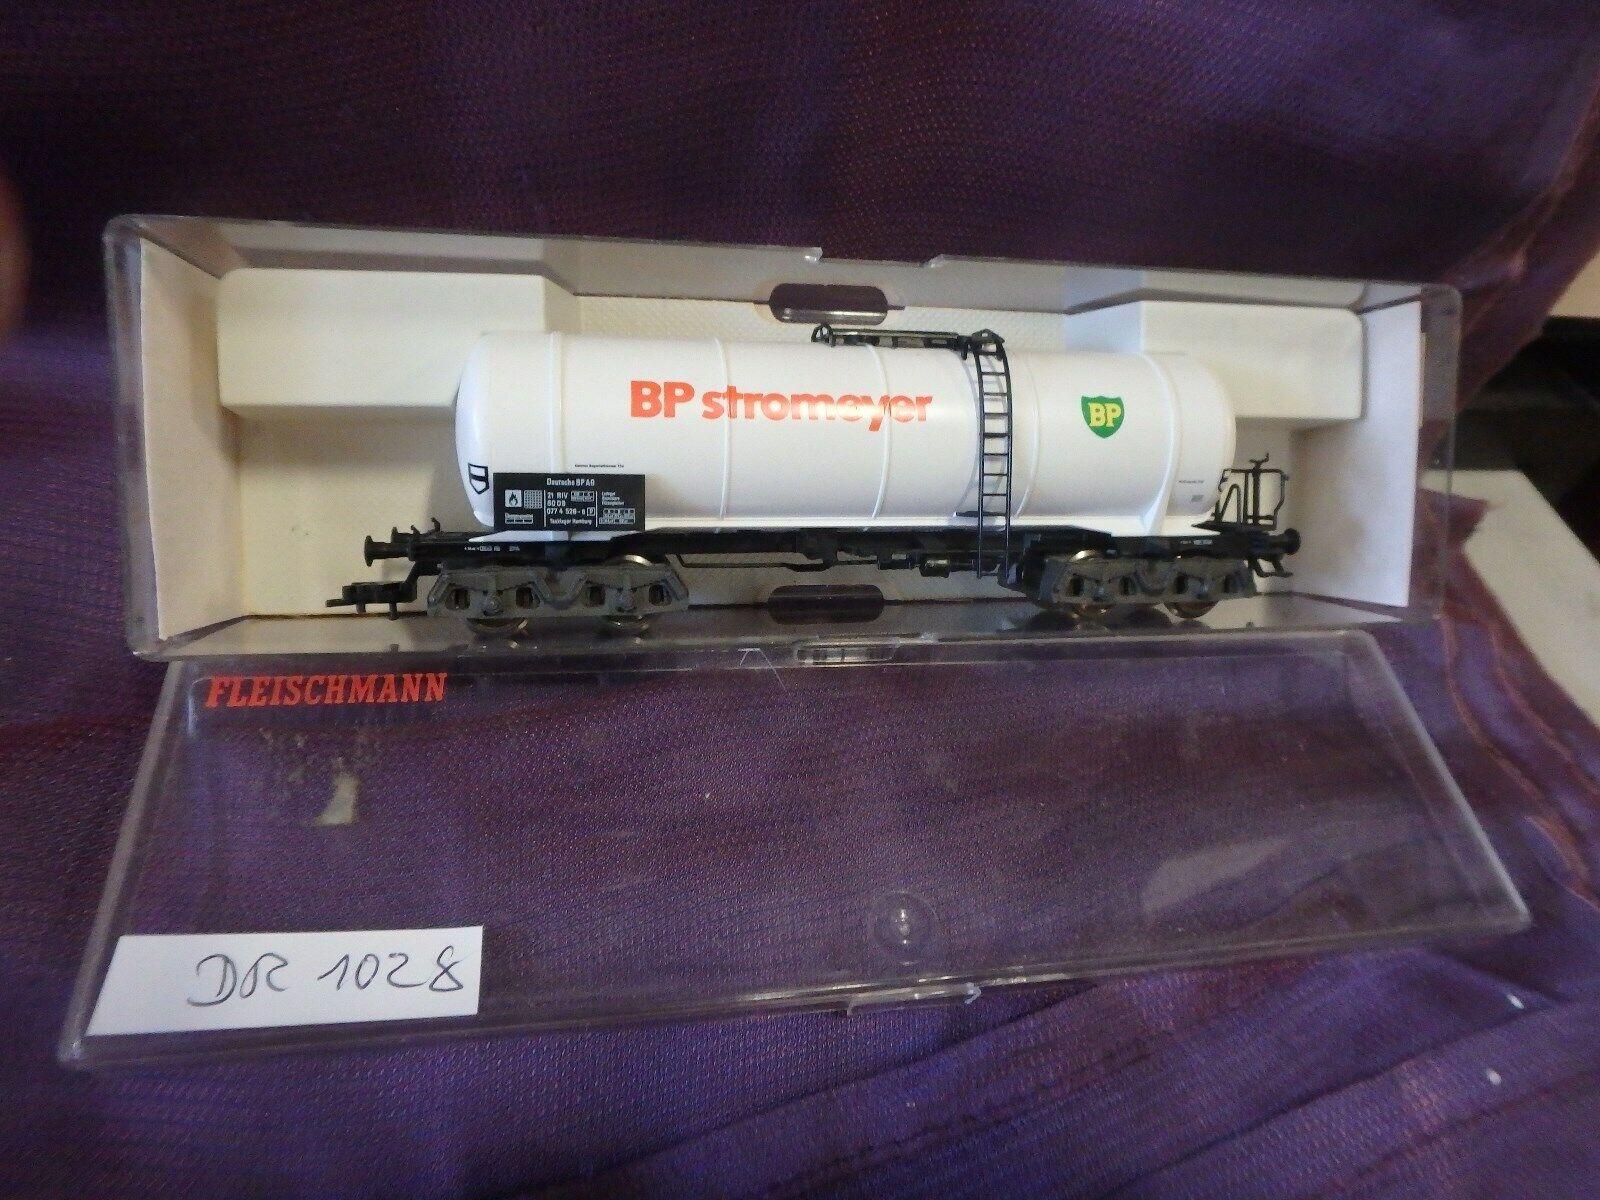 Fleischmann 5474 Camión Cisterna Bp como Nuevo de Colección Agdr1028